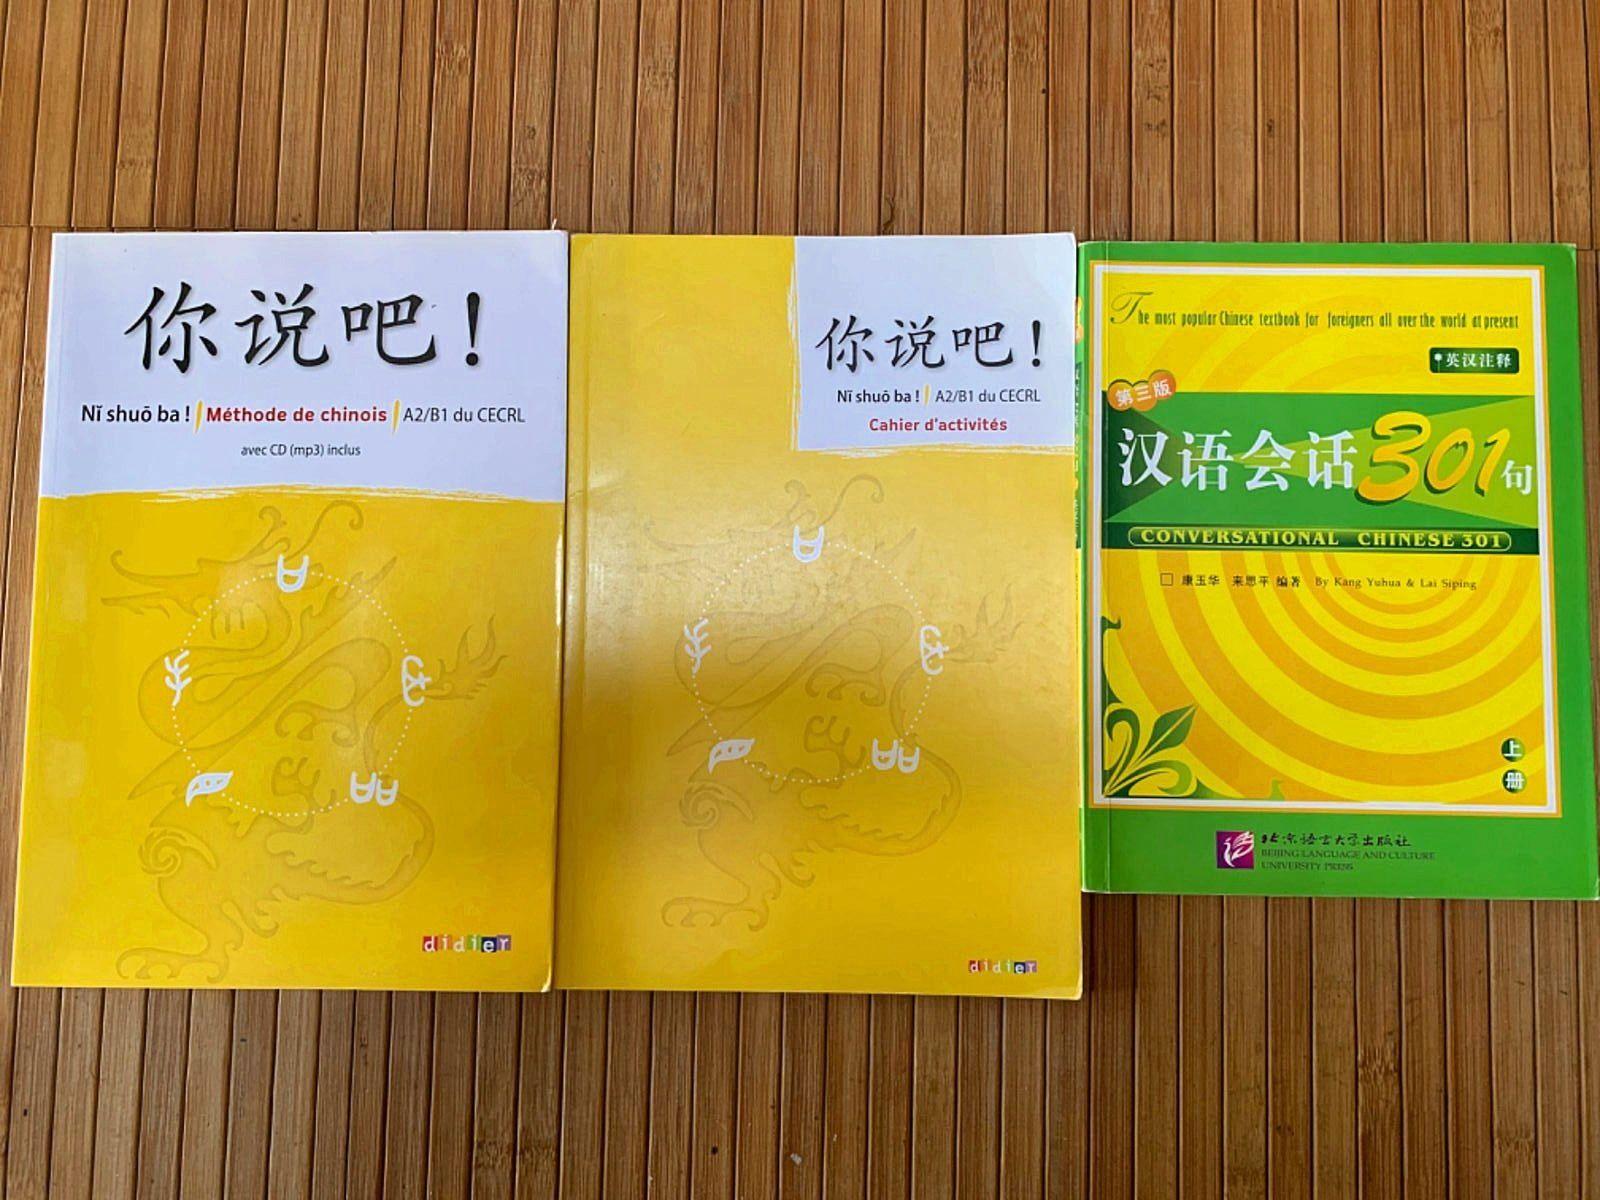 Méthode de chinois et cahiers d'activités